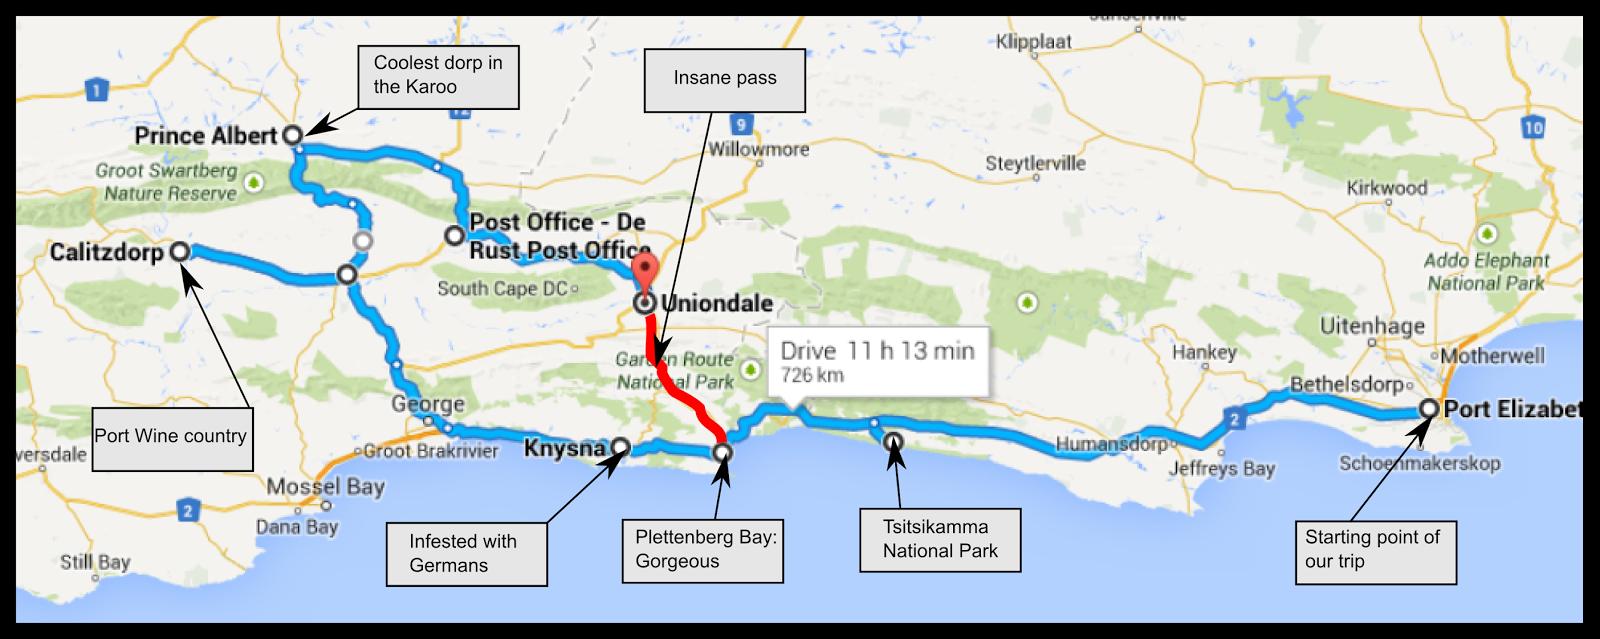 Afrikaanamerikaans Vacation To The Garden Route Part 1 Tsitsikamma National Park